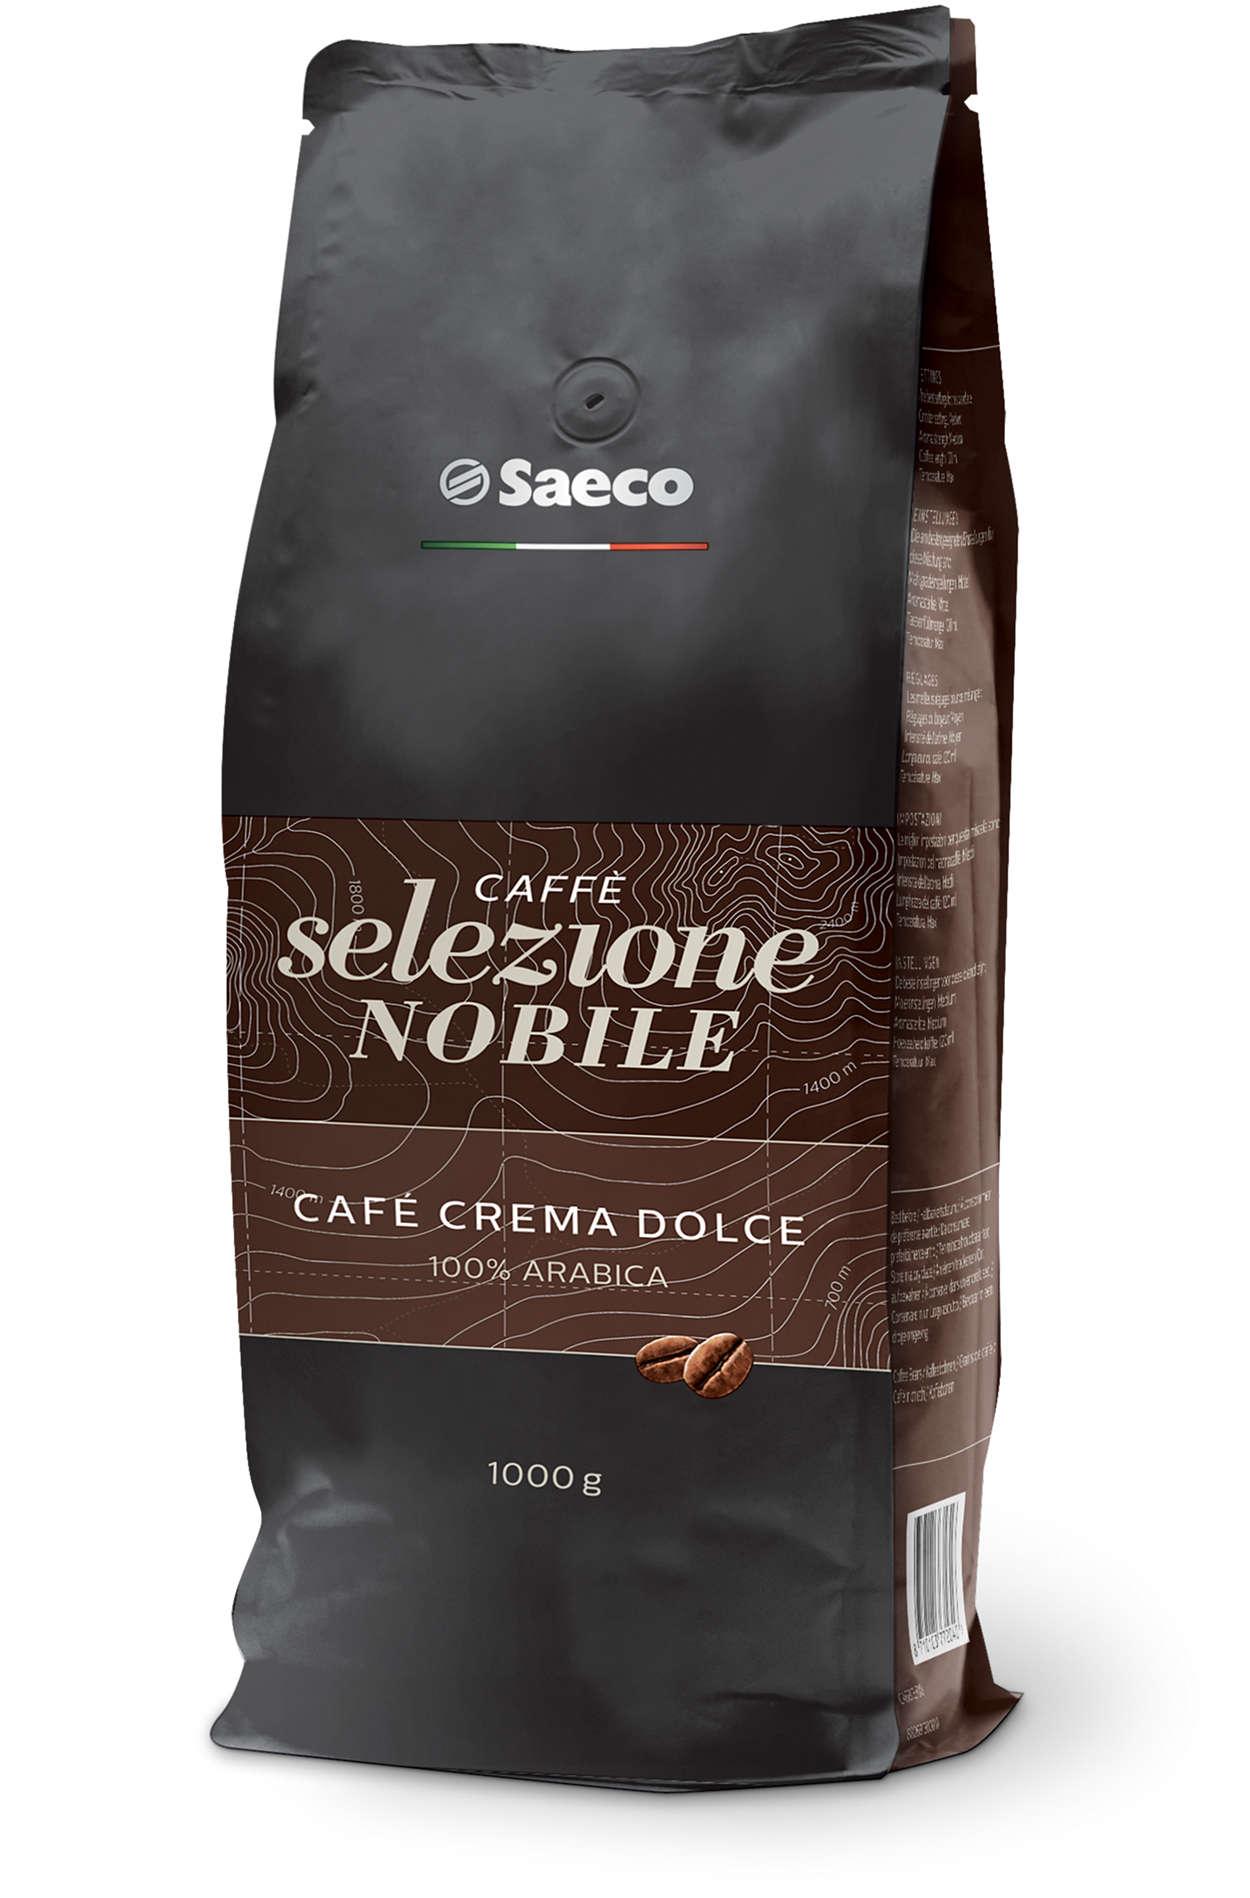 Wszystko zaczyna się od najlepszych ziaren kawy